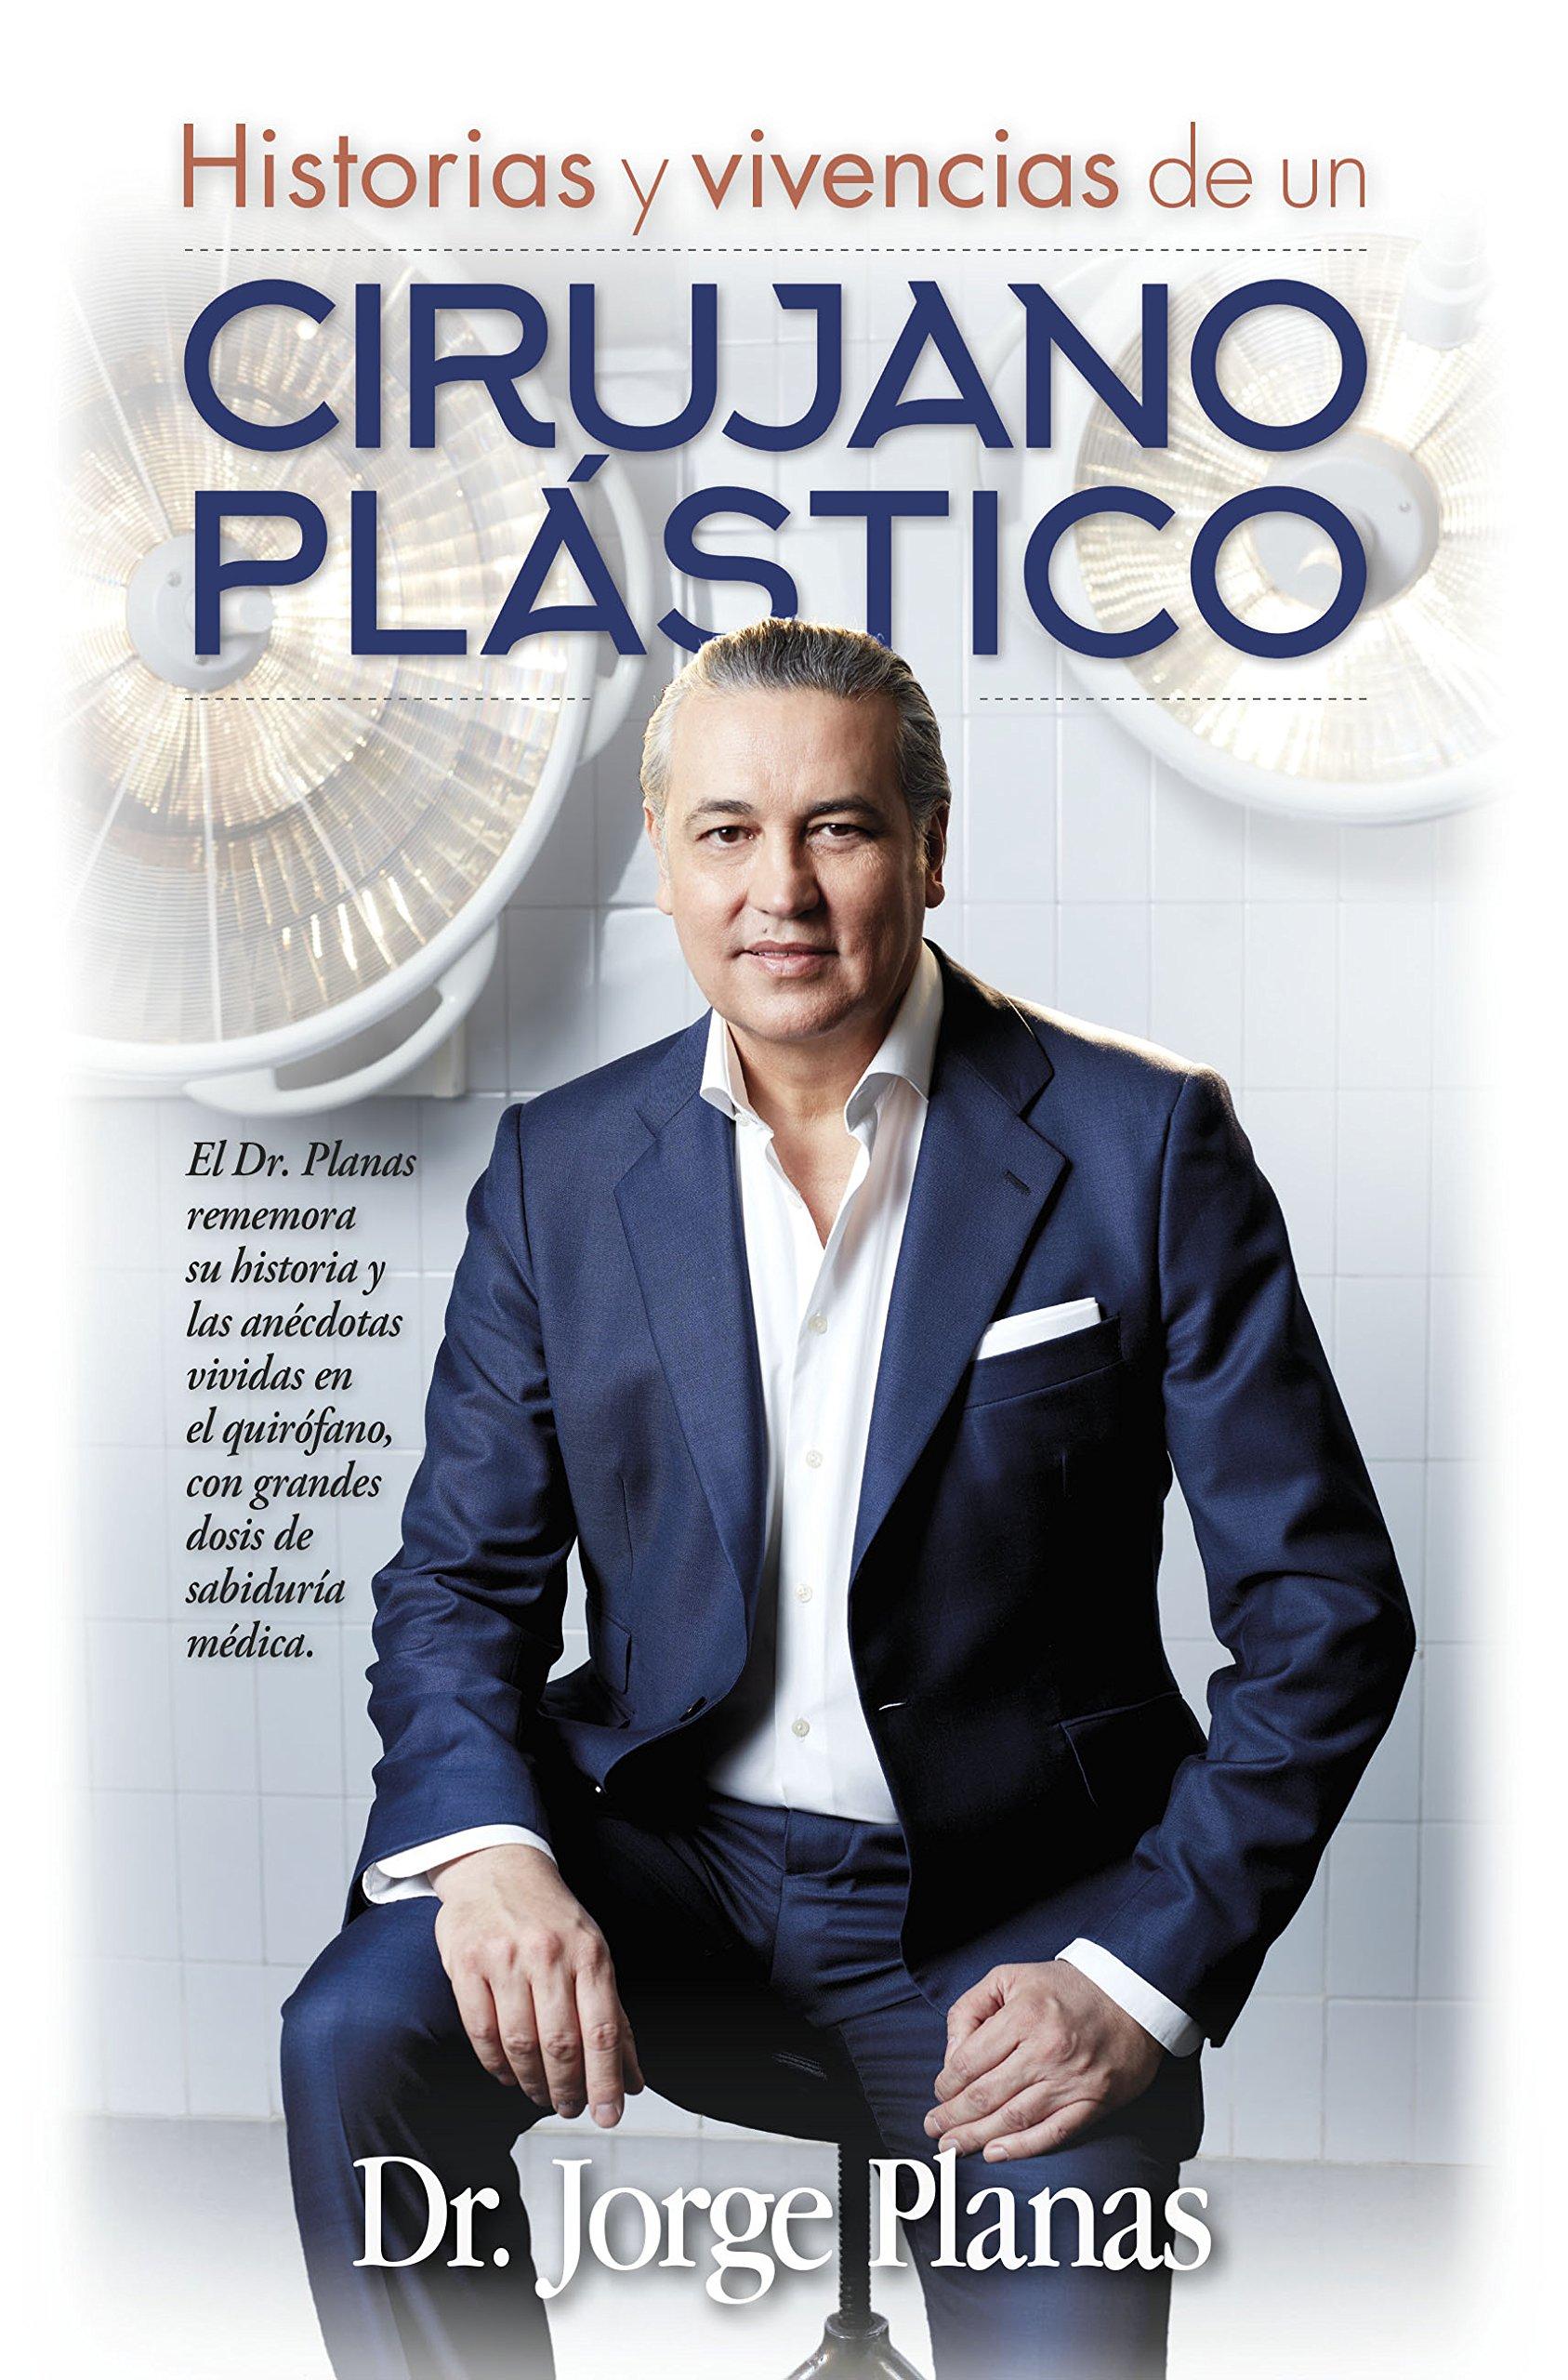 Historias y vivencias de un cirujano plástico: Amazon.es: Jorge Planas: Libros